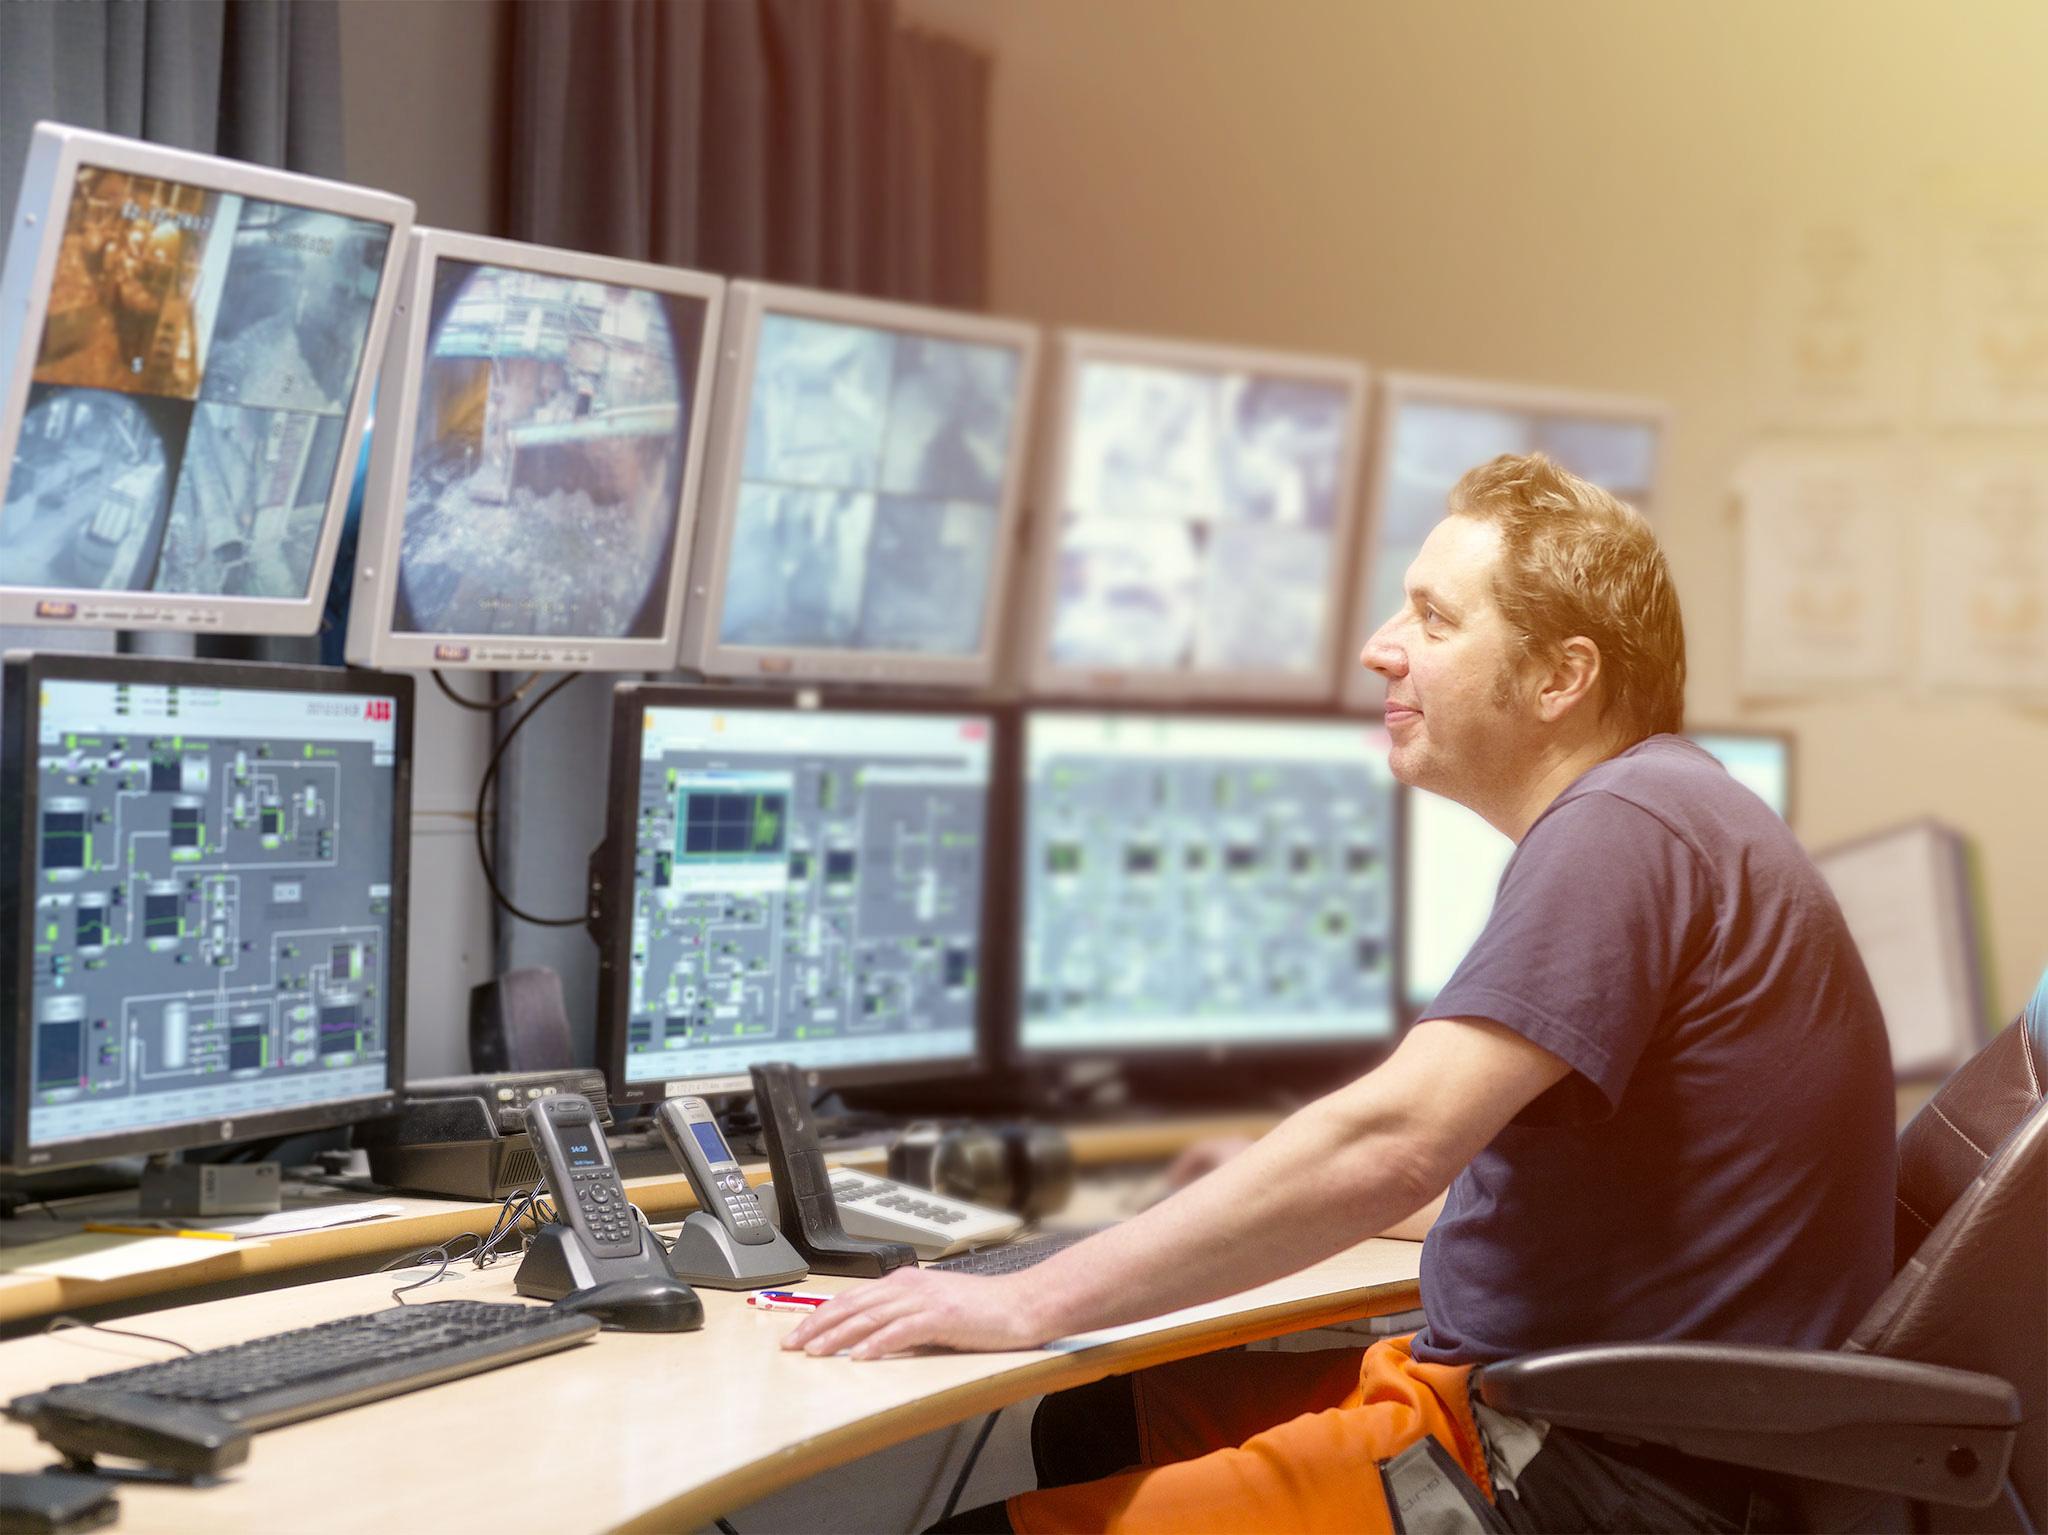 Anställd kontrollerar flera bildskärmar.